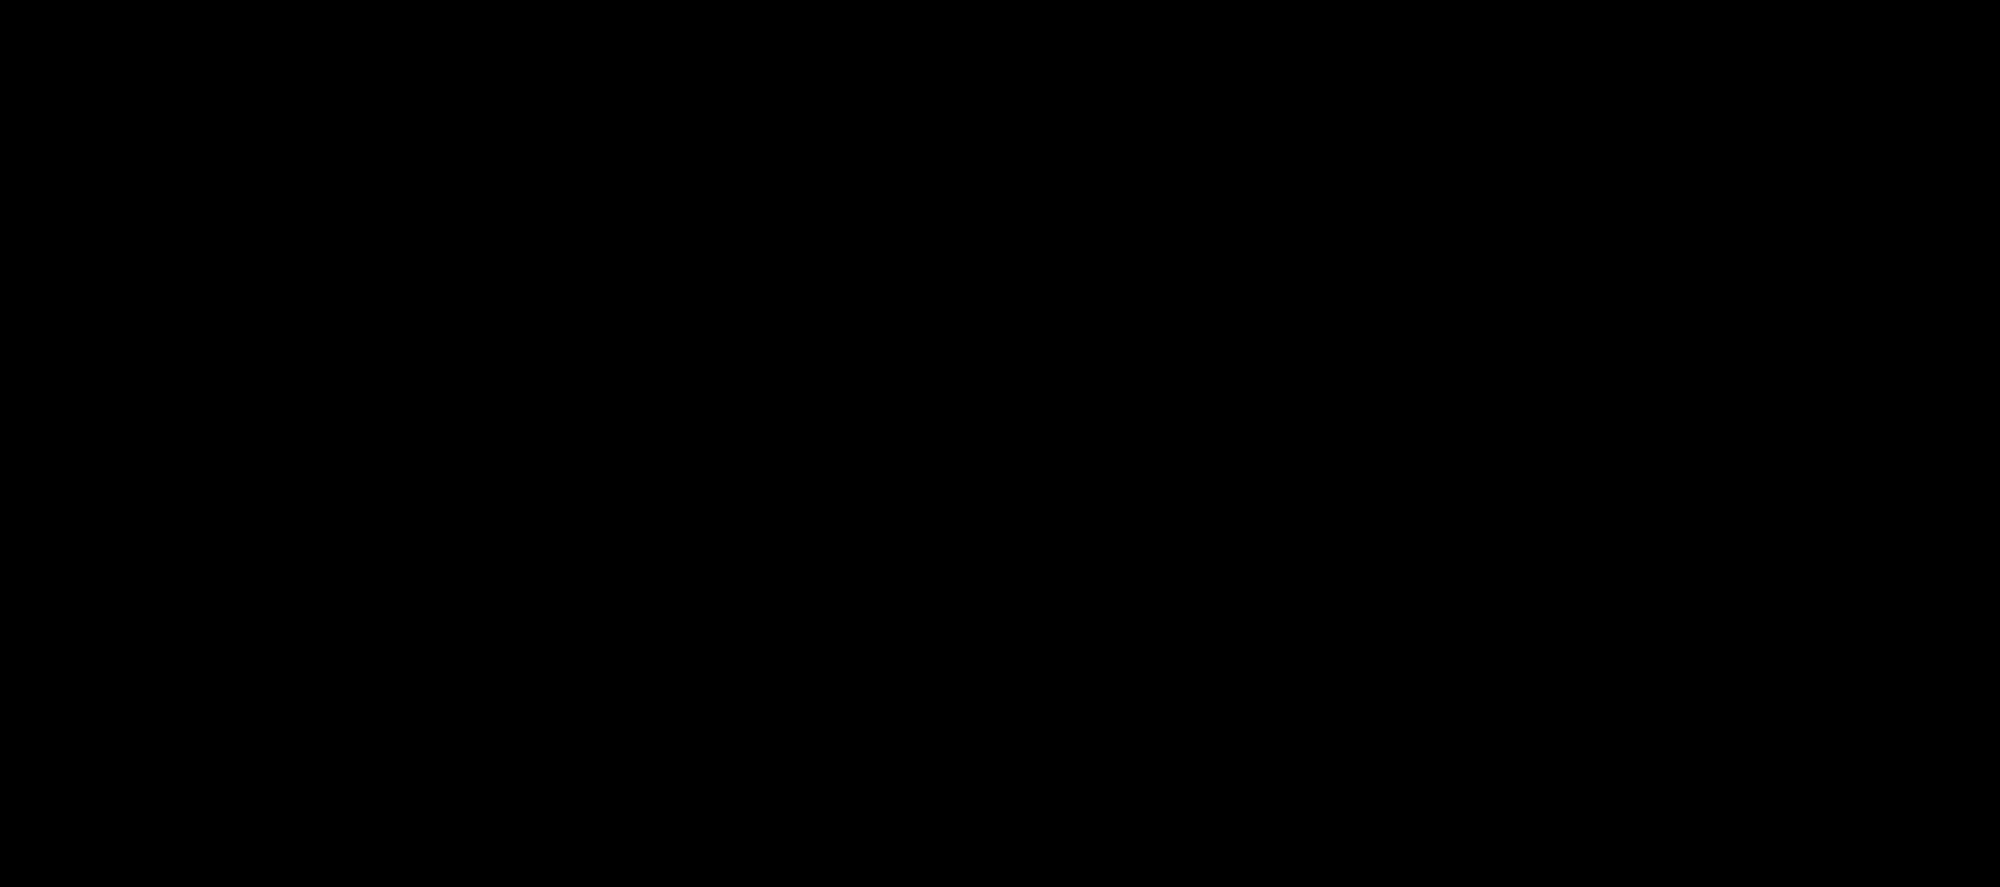 Amon Amarth - Logo